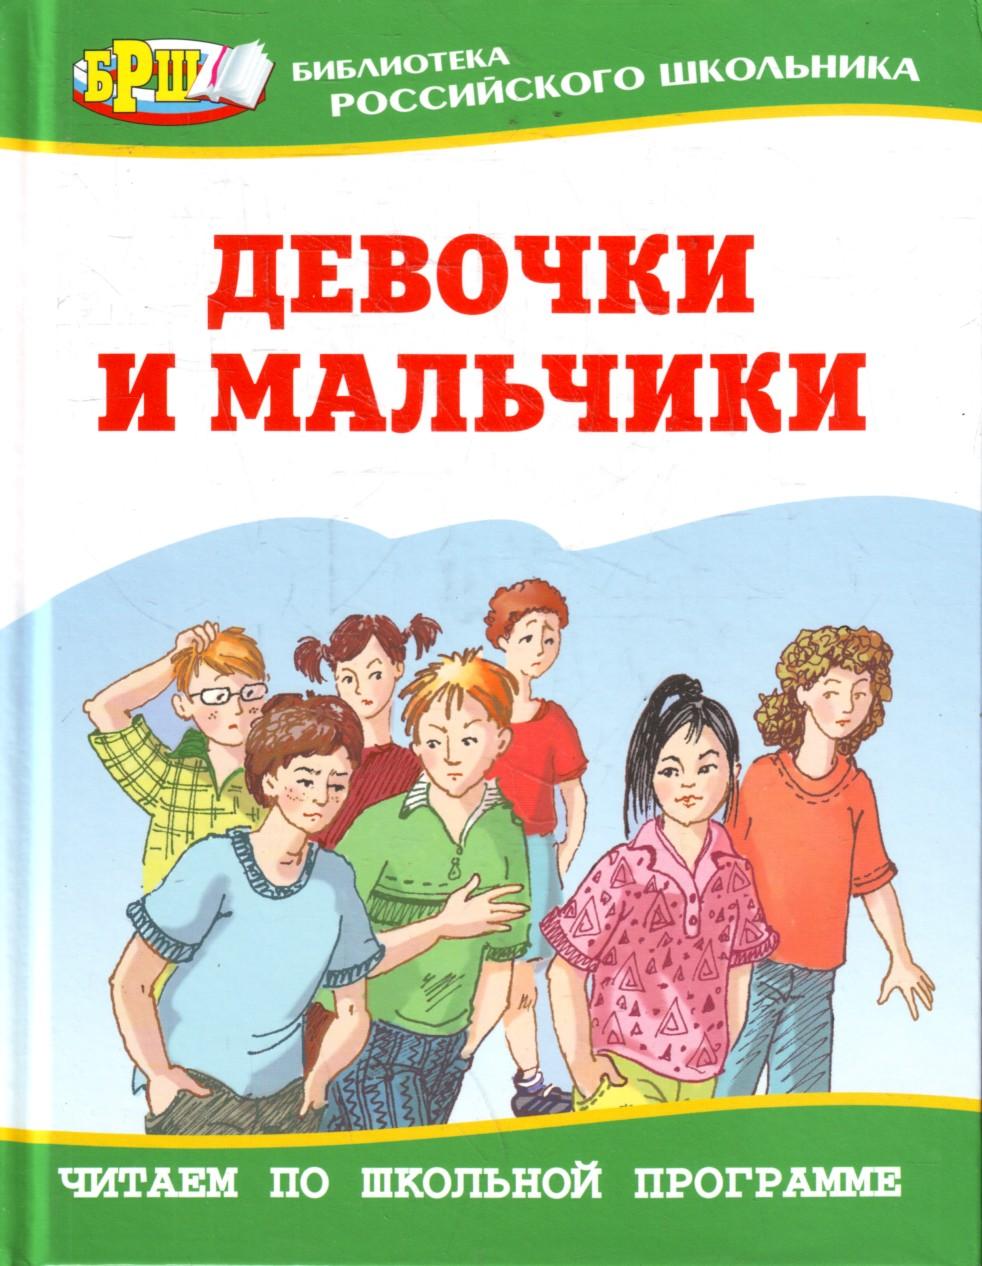 """Девочки и мальчики. Серия """"Библиотека российского школьника"""""""